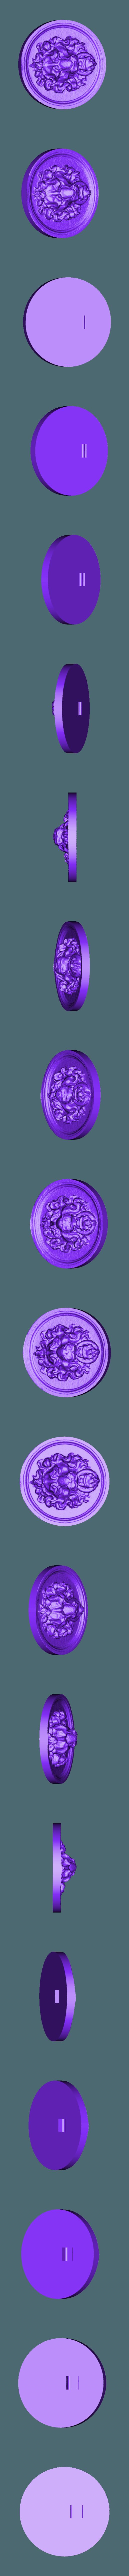 LionHeadWallHanger.stl Télécharger fichier STL gratuit Cintre mural tête de lion • Plan à imprimer en 3D, 3DWP